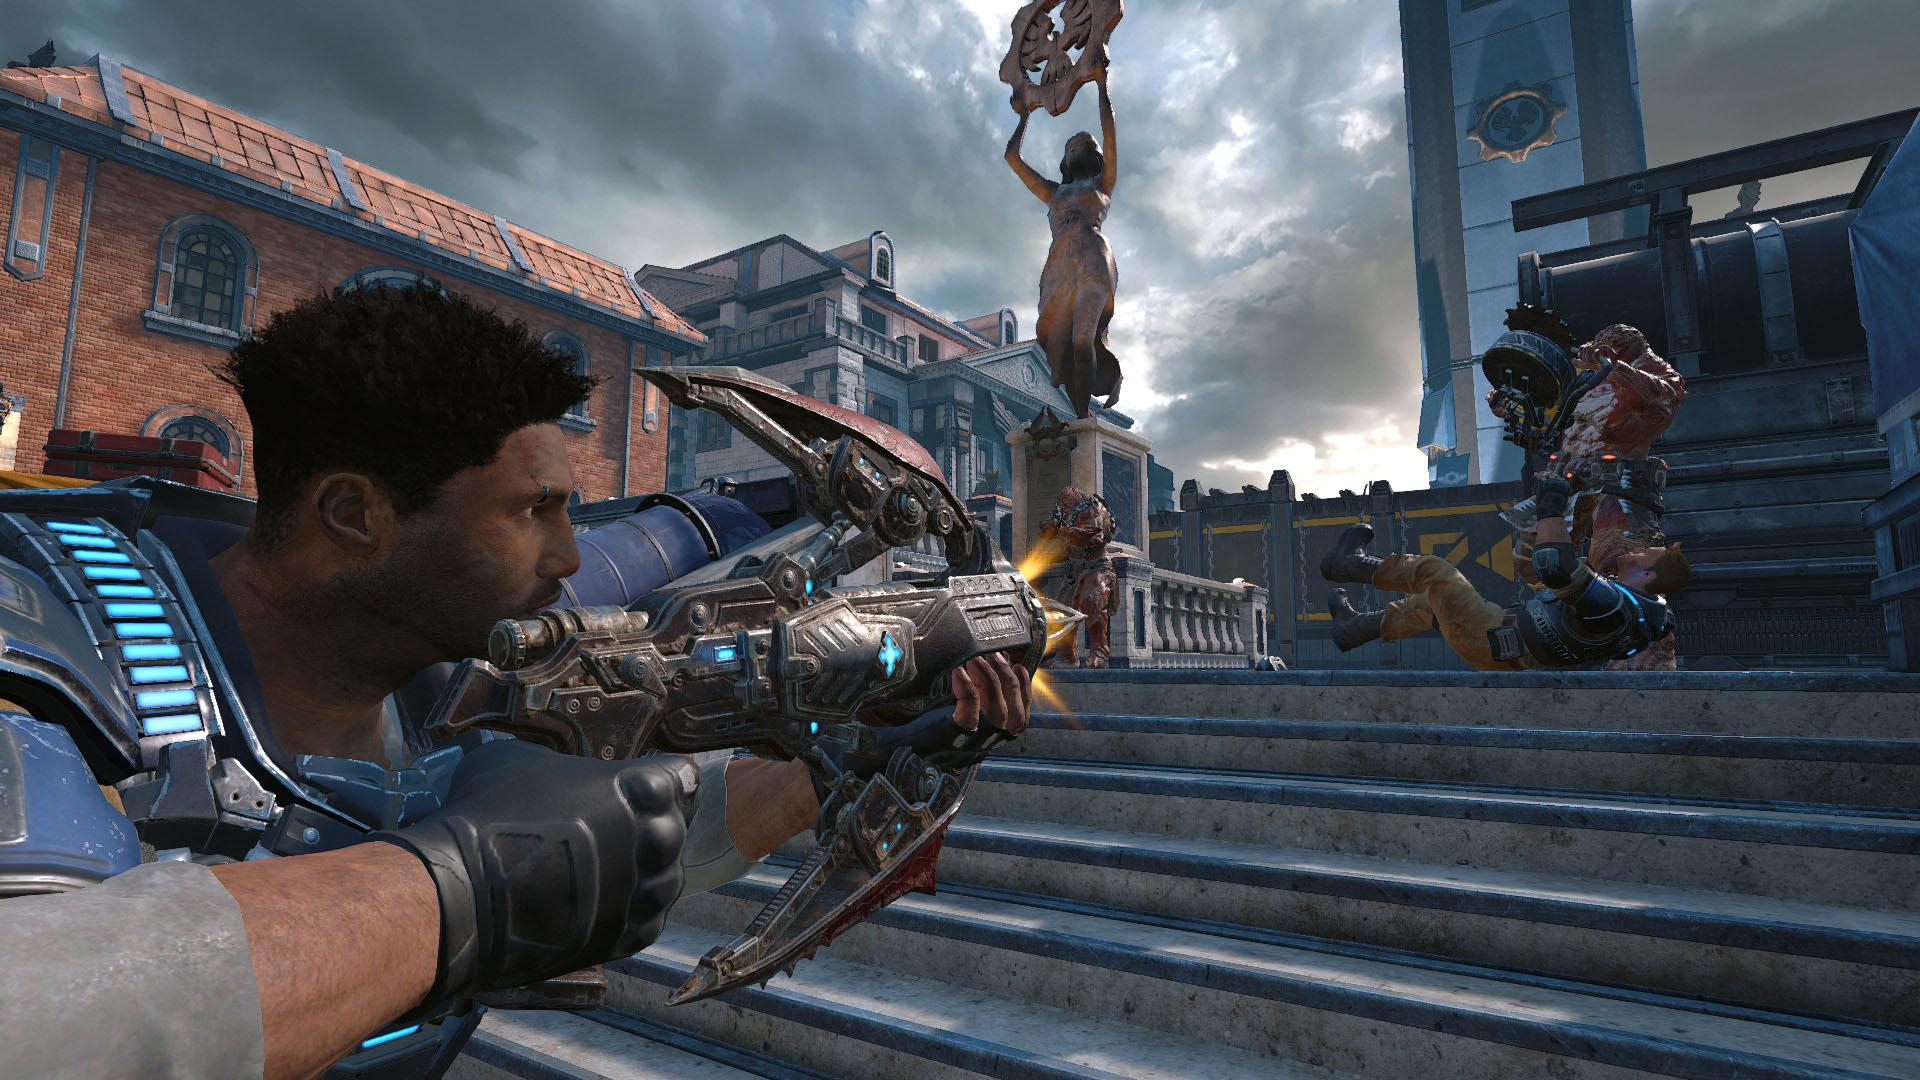 战争机器4游戏图片欣赏